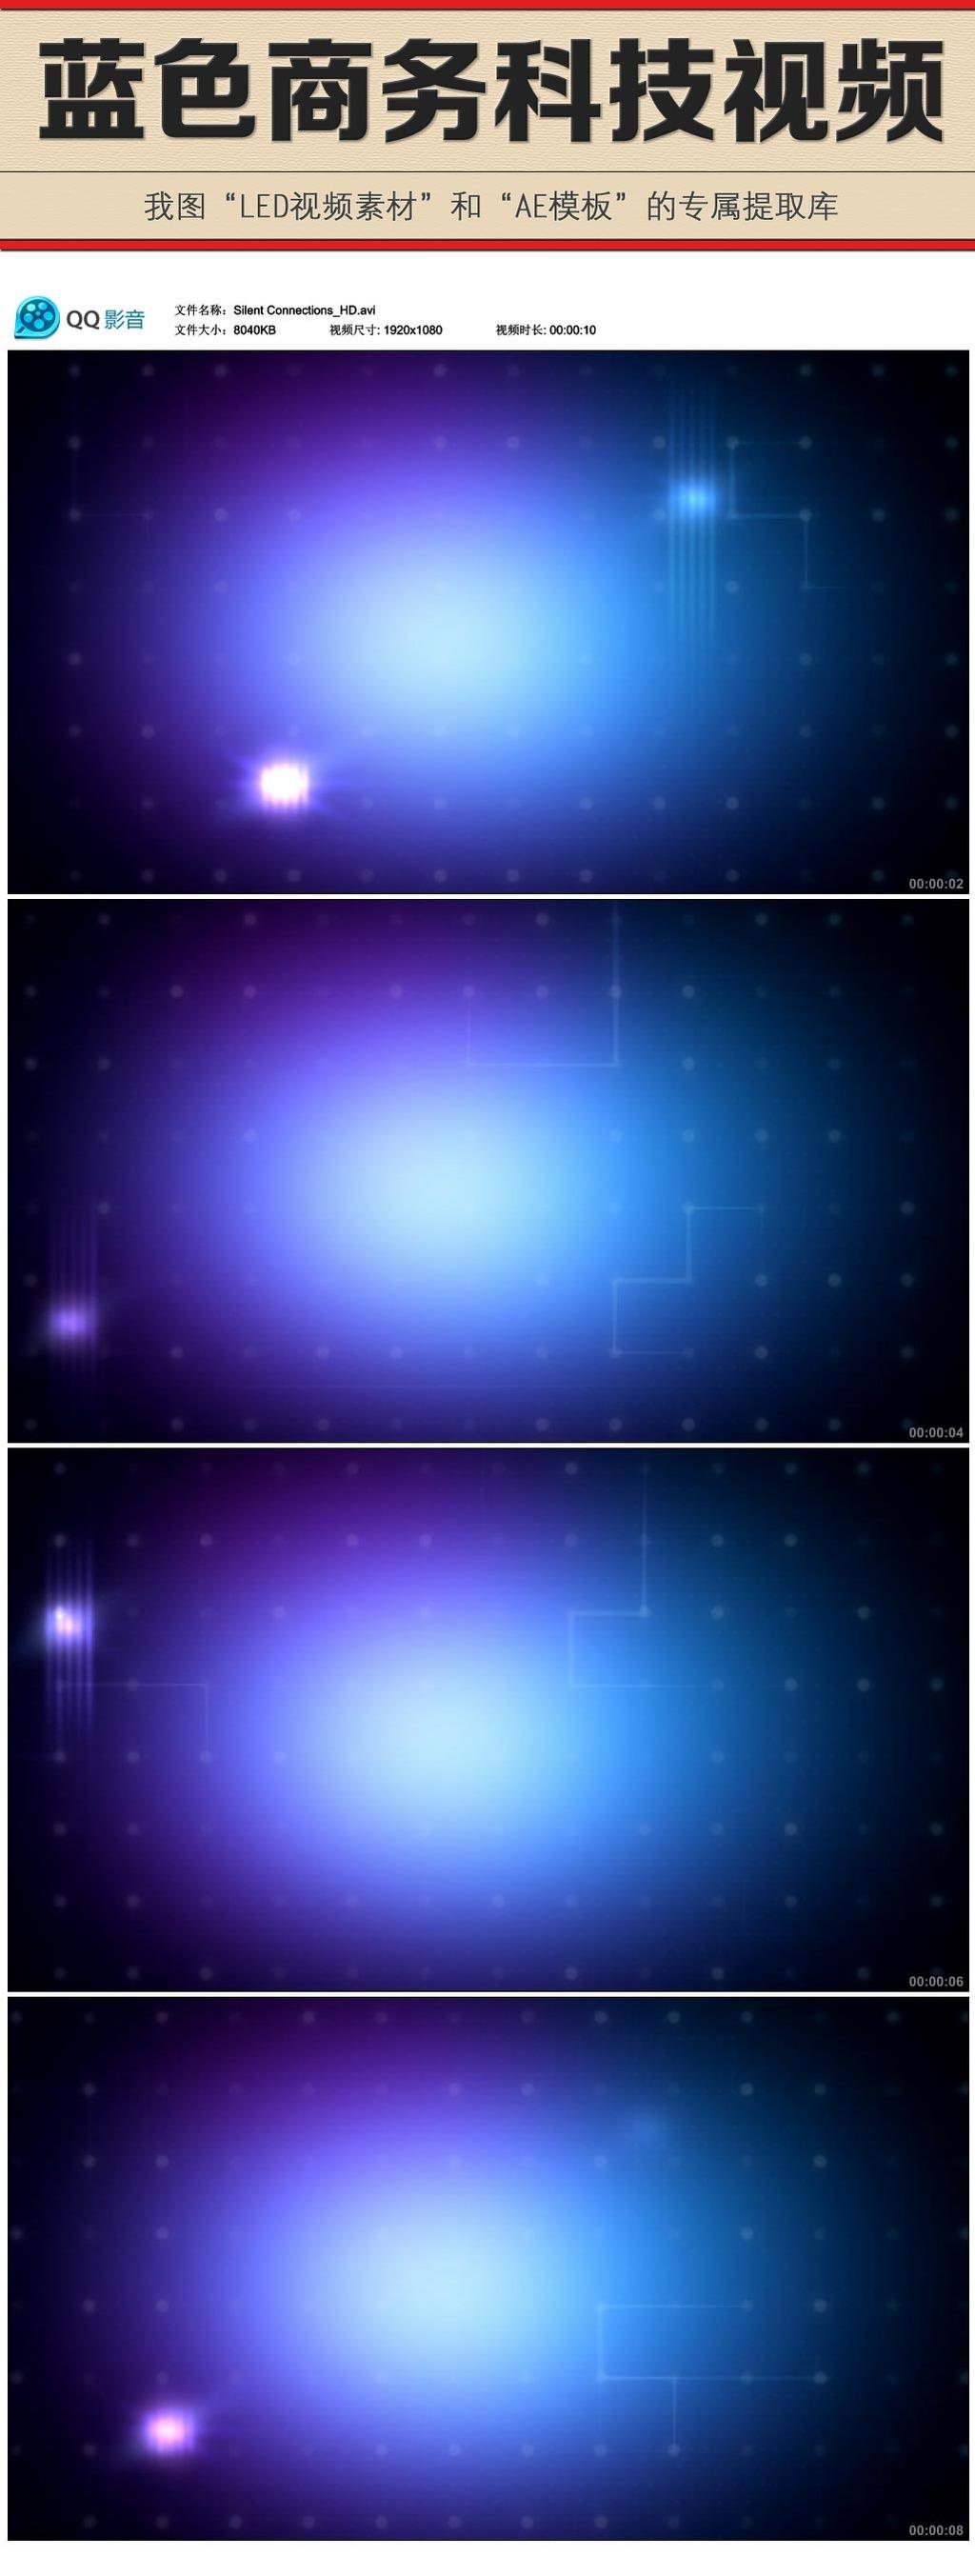 蓝色商务科技背景视频素材模板下载(图片编号:)_动态